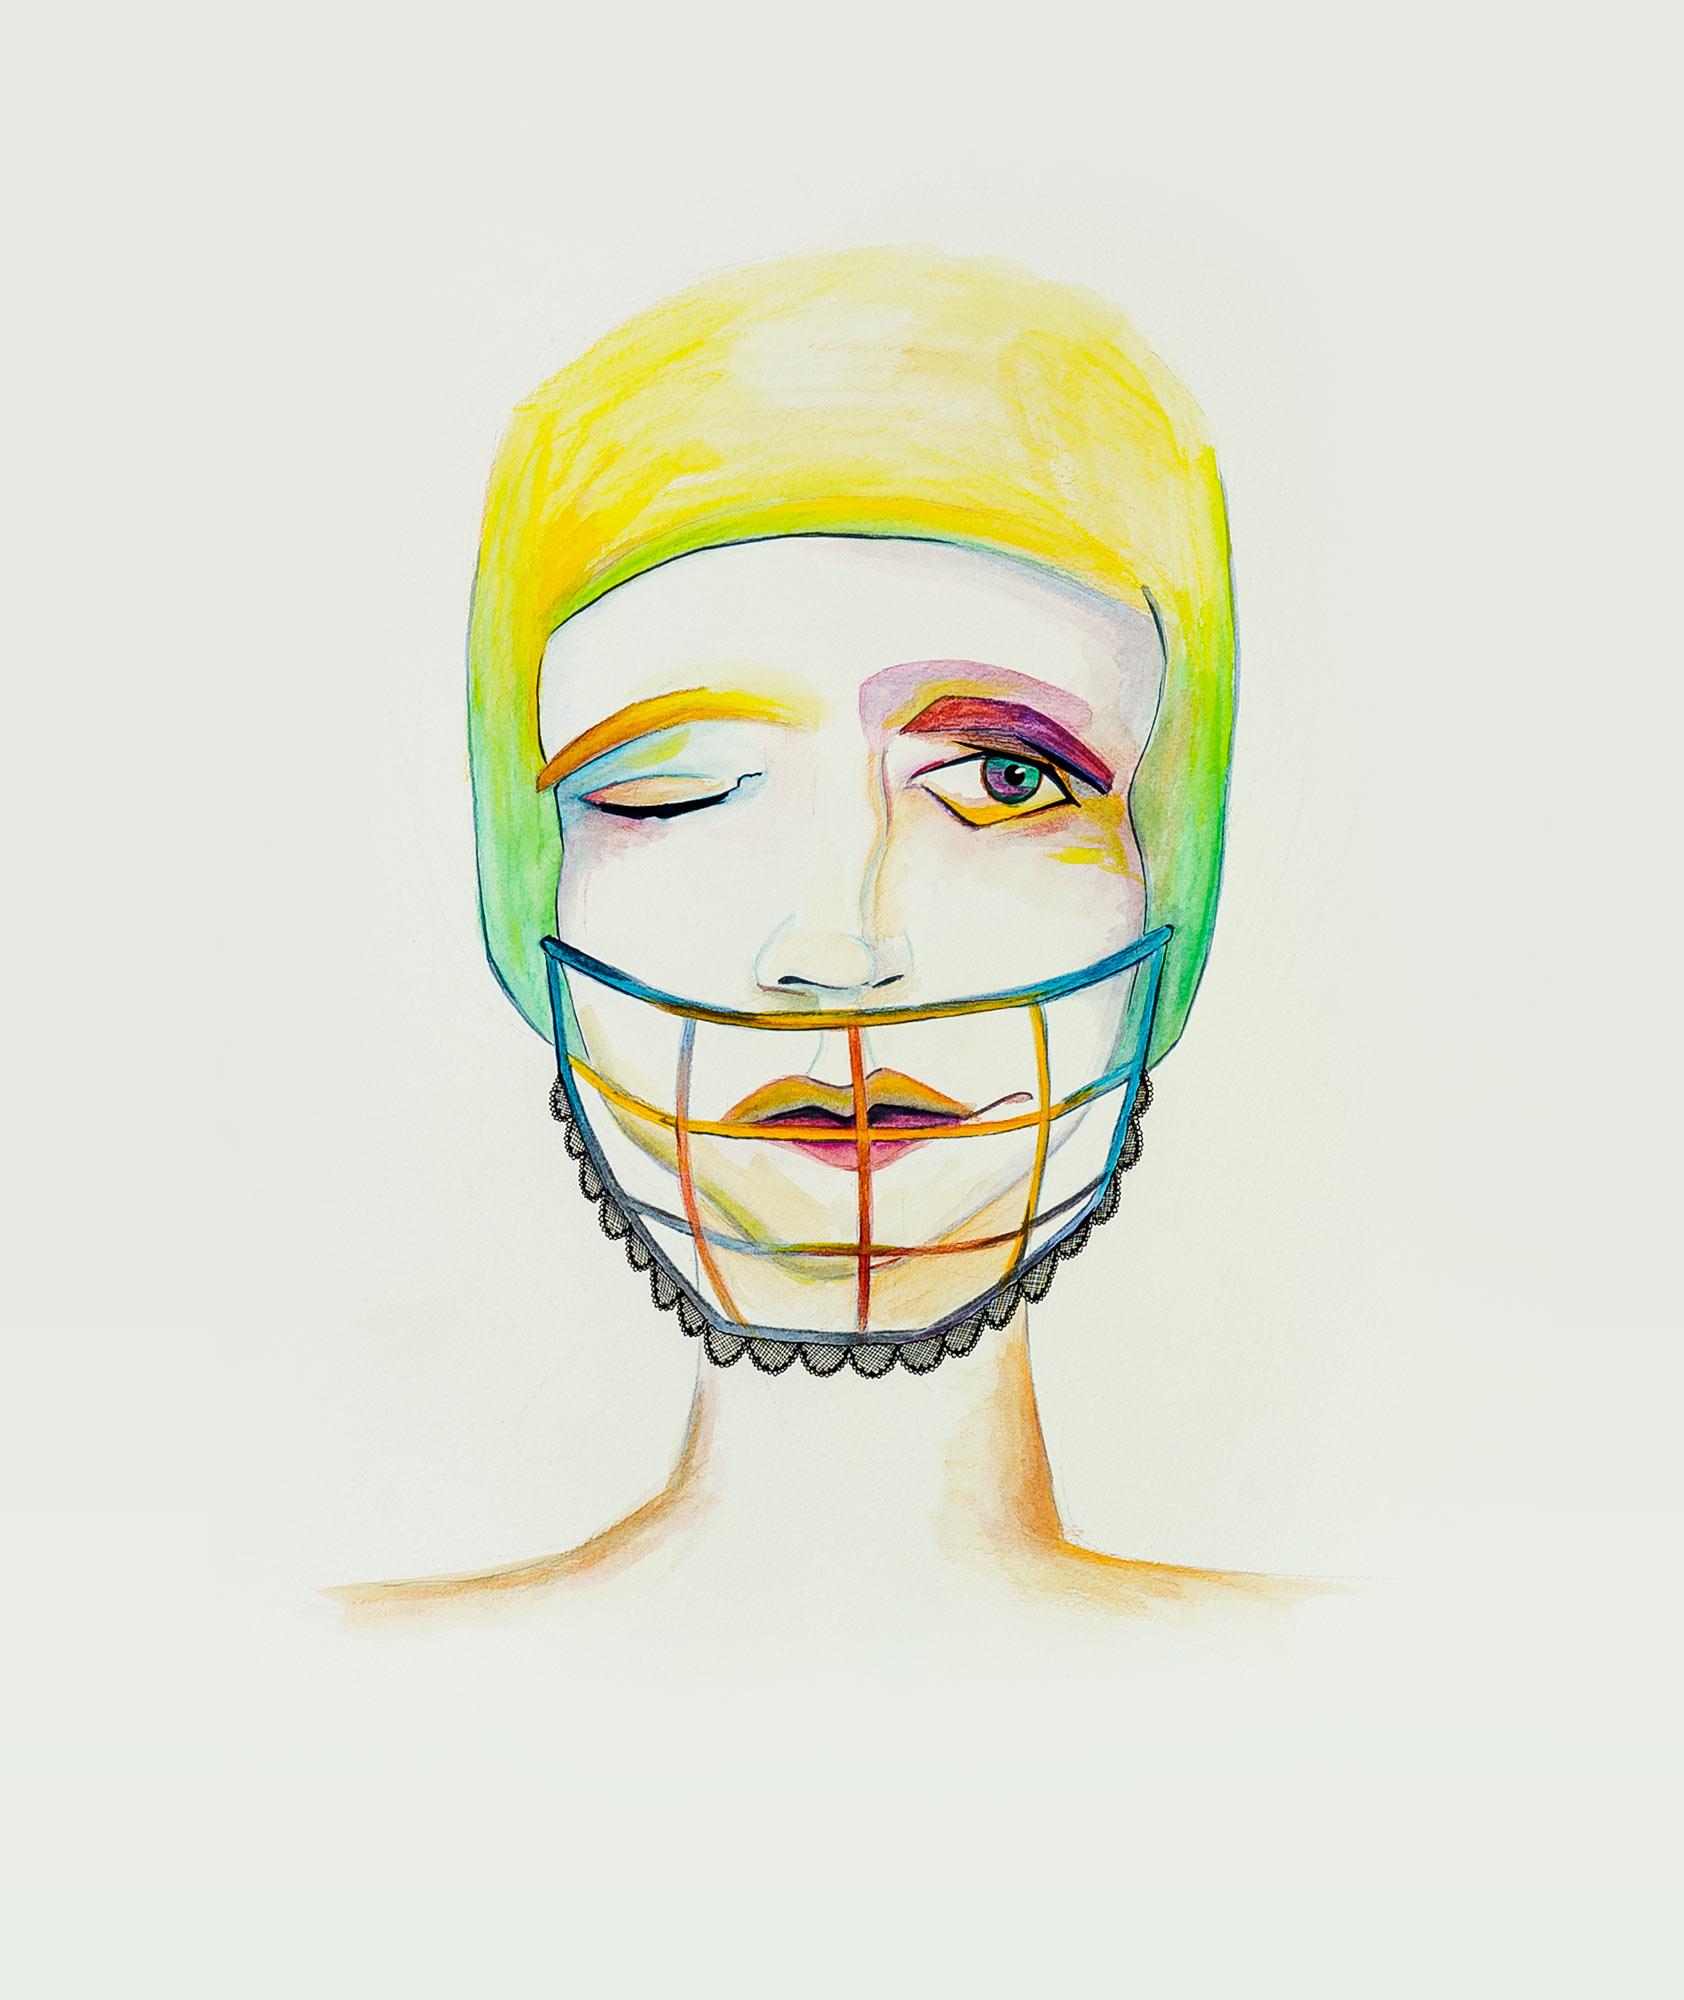 Porträt mit Football-Helm